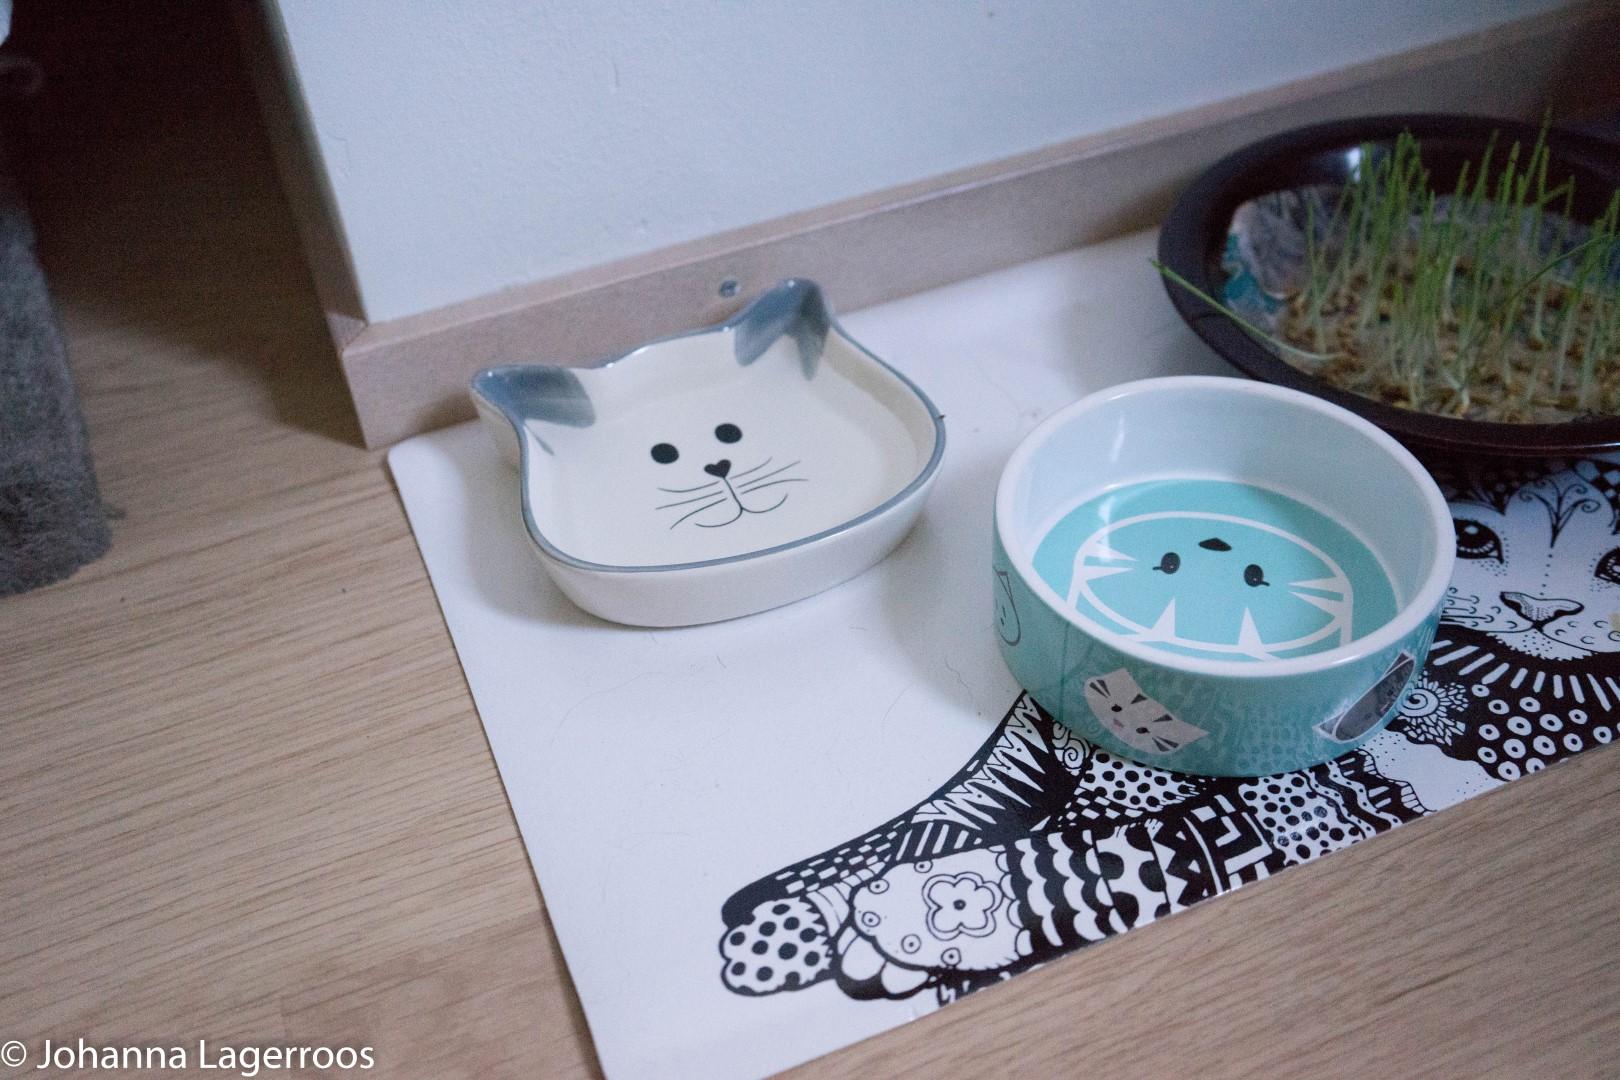 food bowls